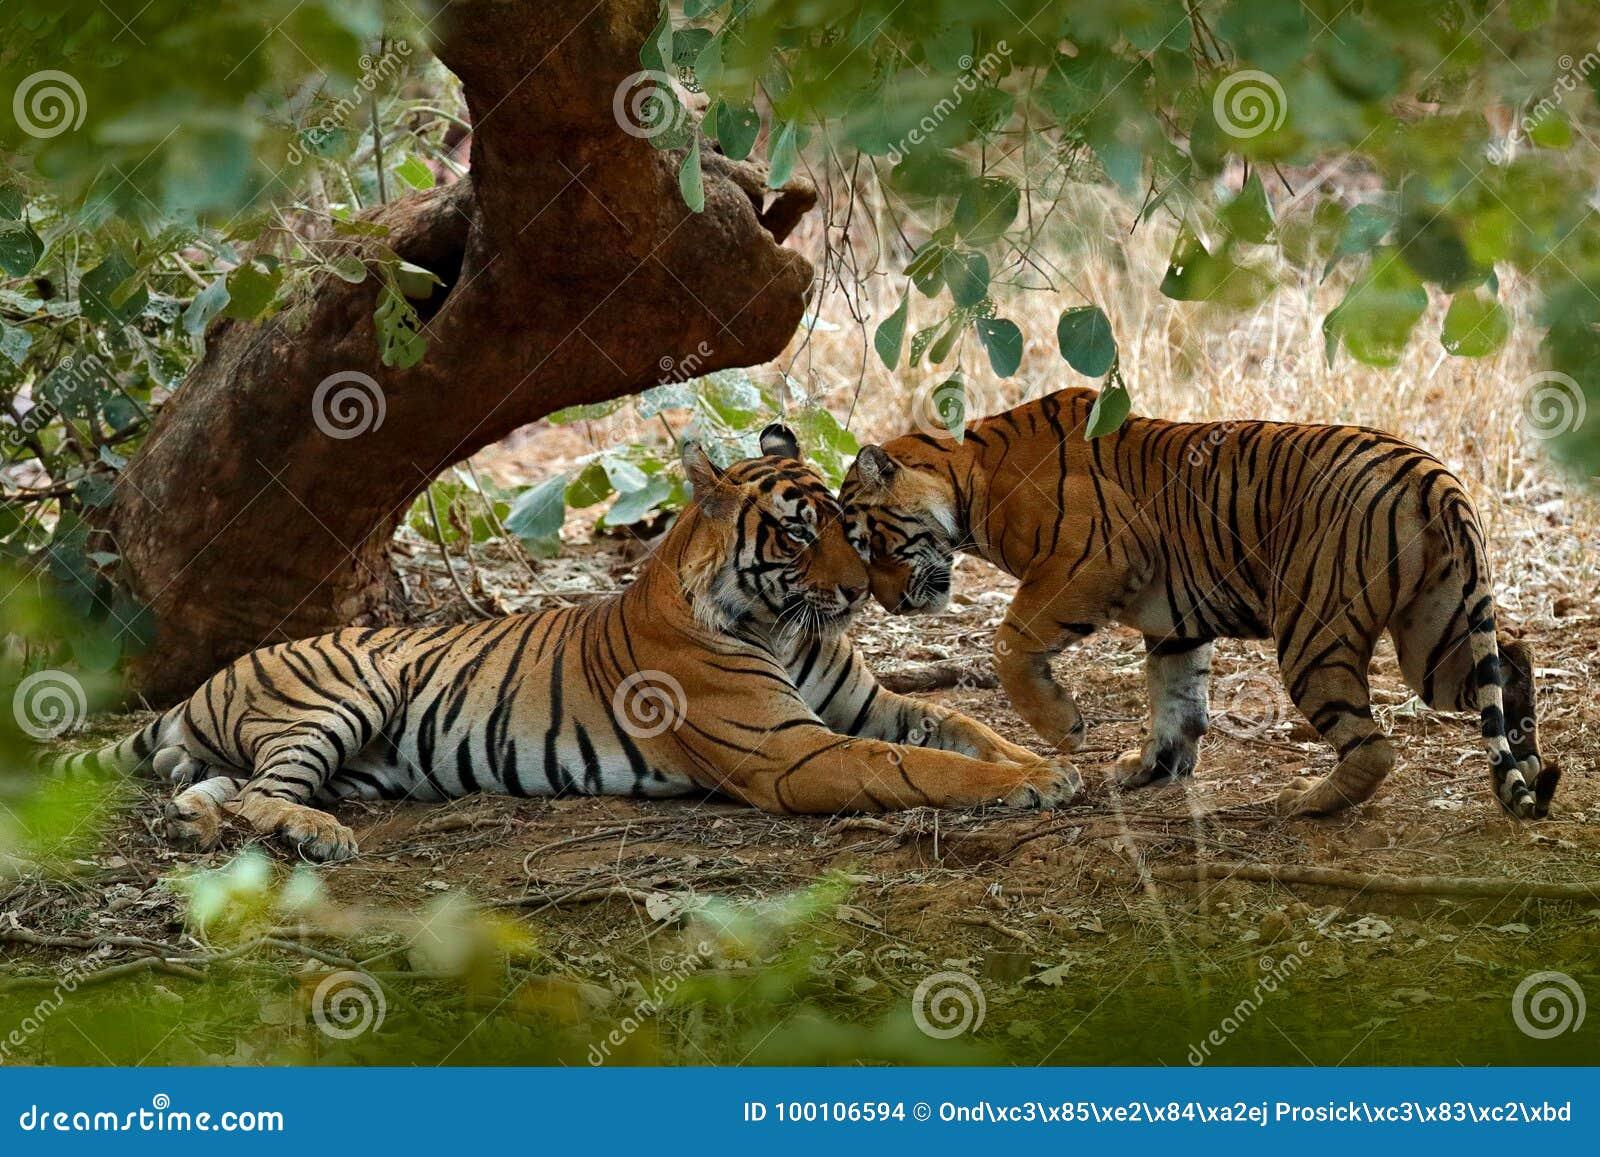 Ζεύγος της ινδικής τίγρης, αρσενικό σε αριστερό, θηλυκό στο δικαίωμα, πρώτη βροχή, άγριο ζώο, βιότοπος φύσης, Ranthambore, Ινδία